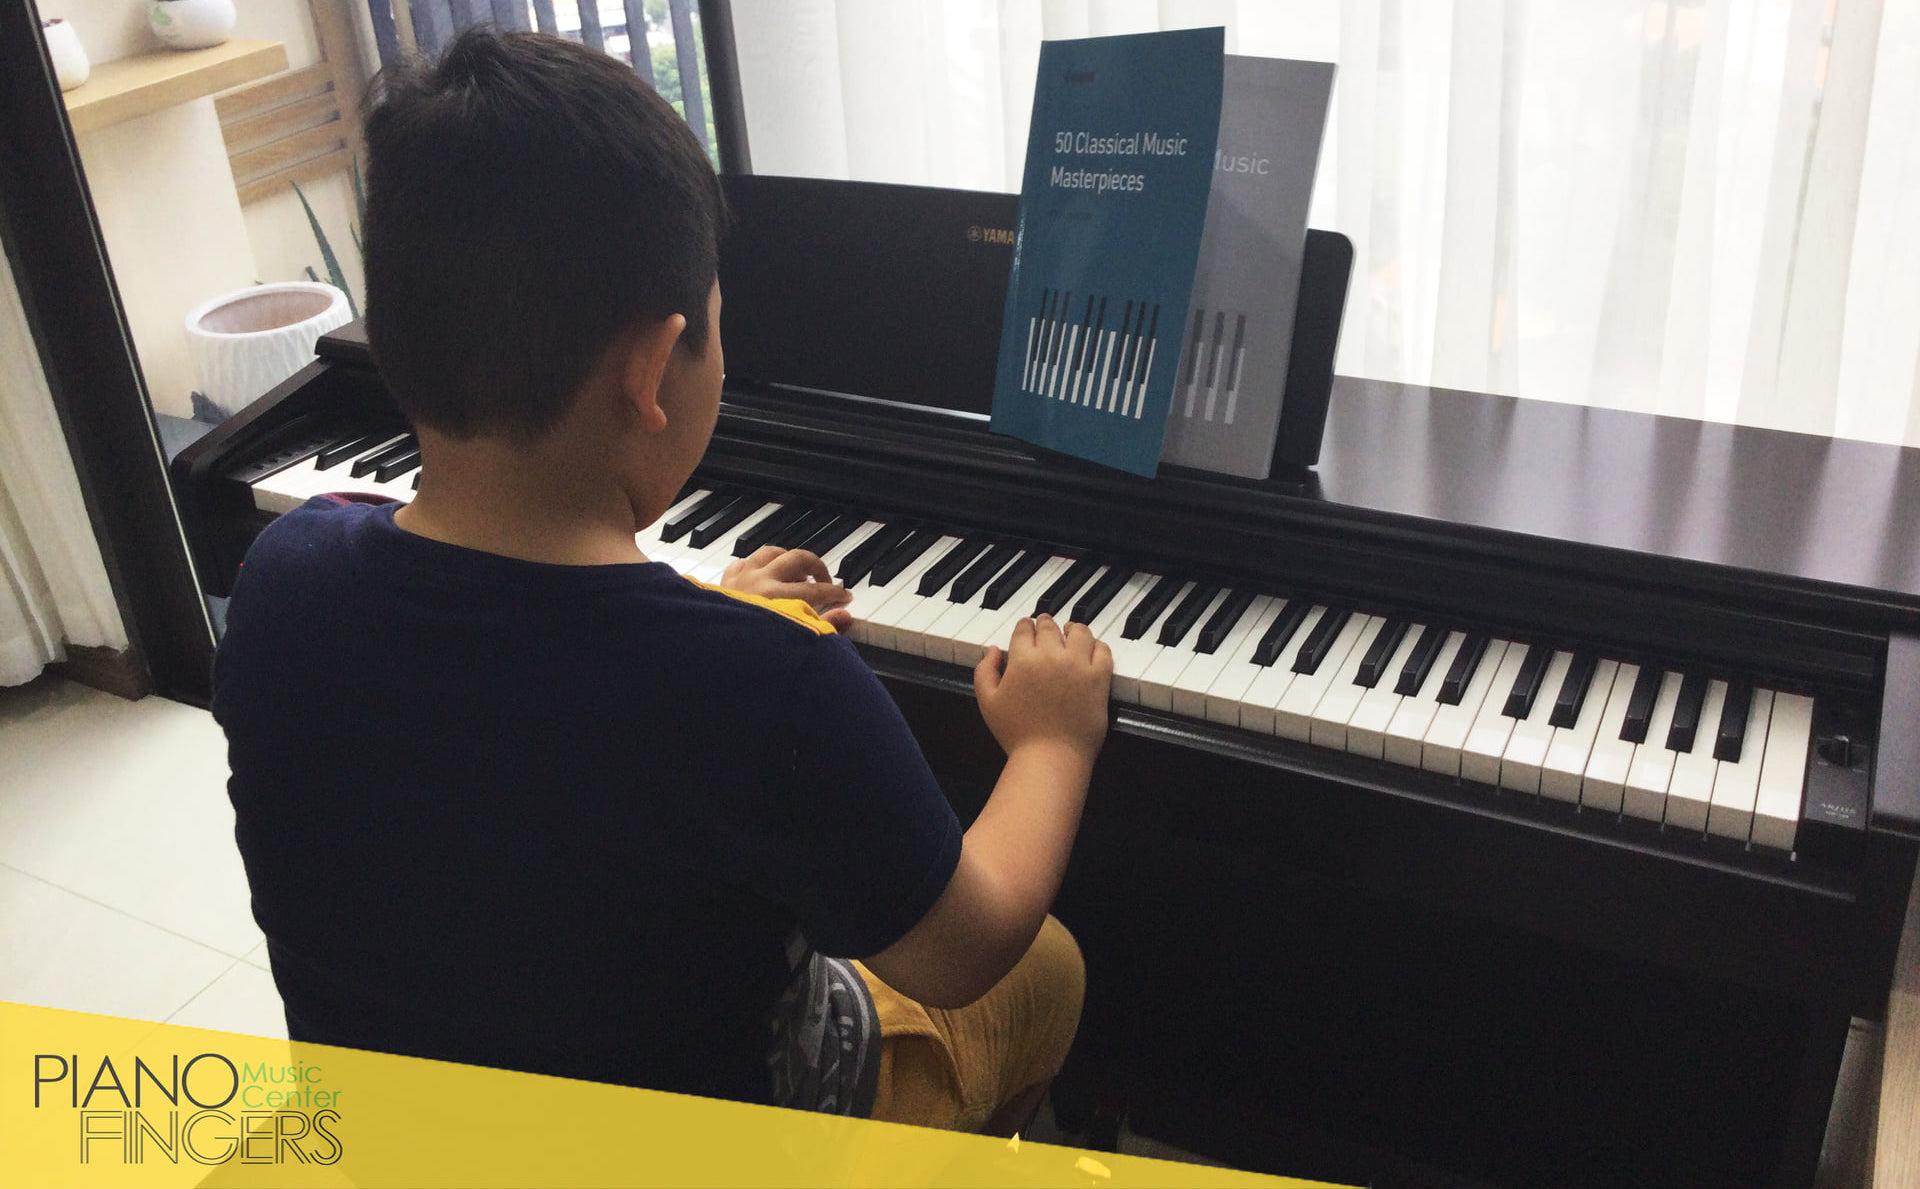 moi-hoc-nen-mua-dan-piano-dien-gia-bao-nhieu-yamaha-ydp-144